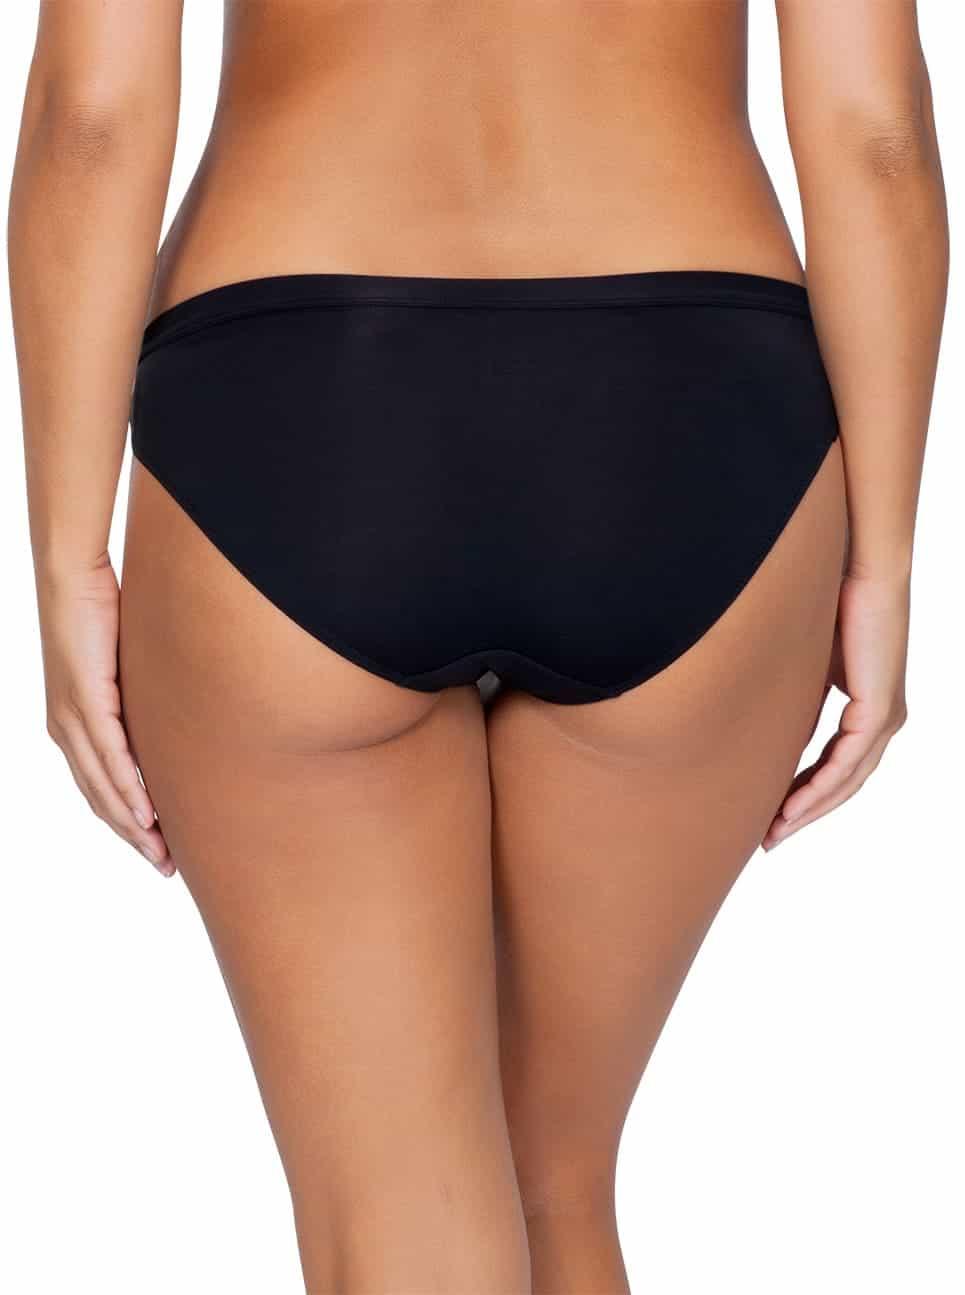 Wendy P5413 BikiniBlackBack copy - Wendy Bikini – Black – P5413